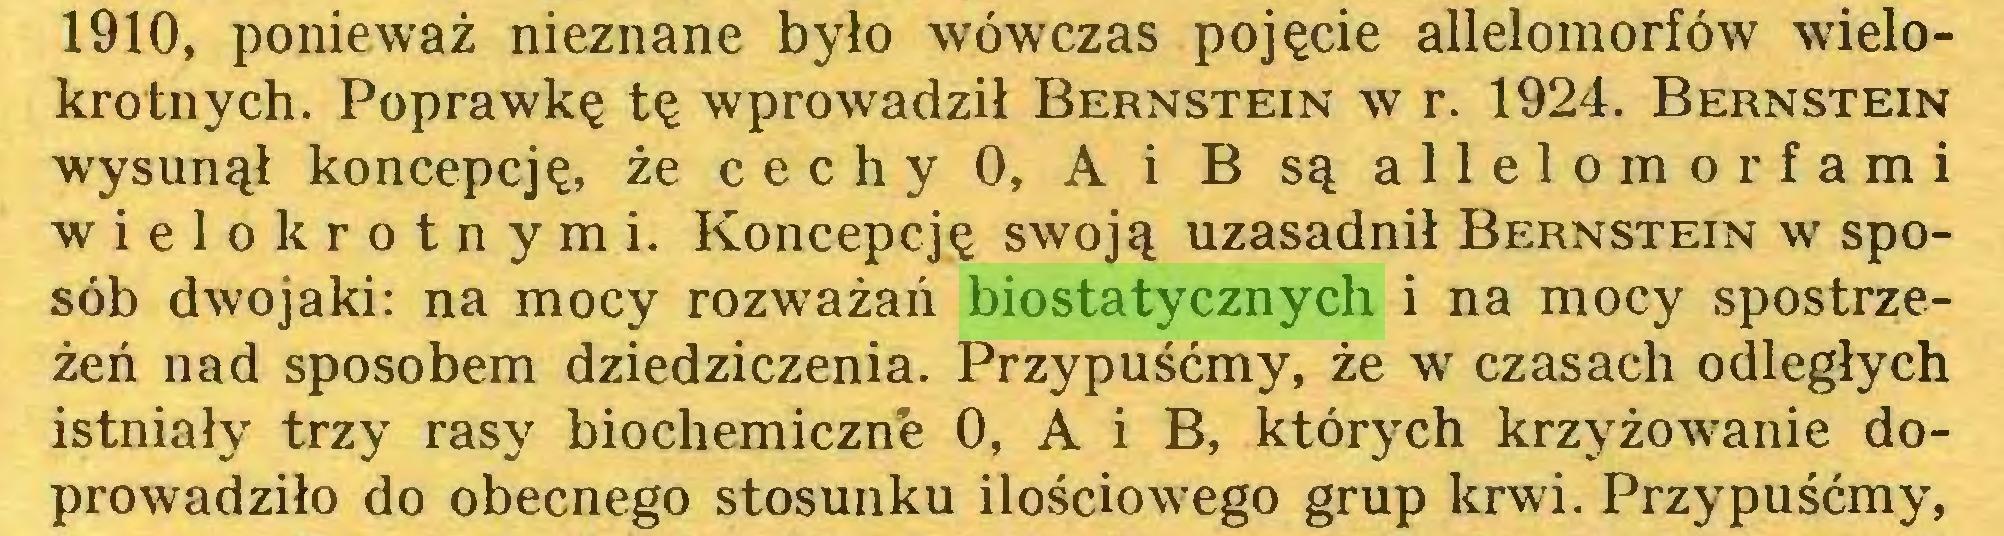 (...) 1910, ponieważ nieznane było wówczas pojęcie allelomorfów wielokrotnych. Poprawkę tę wprowadził Bernstein w r. 1924. Bernstein wysunął koncepcję, że cechy 0, A i B są allelo morfami wielokrotnymi. Koncepcję swoją uzasadnił Bernstein w sposób dwojaki: na mocy rozważań biostatycznych i na mocy spostrzeżeń nad sposobem dziedziczenia. Przypuśćmy, że w czasach odległych istniały trzy rasy biochemiczne 0, A i B, których krzyżowanie doprowadziło do obecnego stosunku ilościowego grup krwi. Przypuśćmy,...